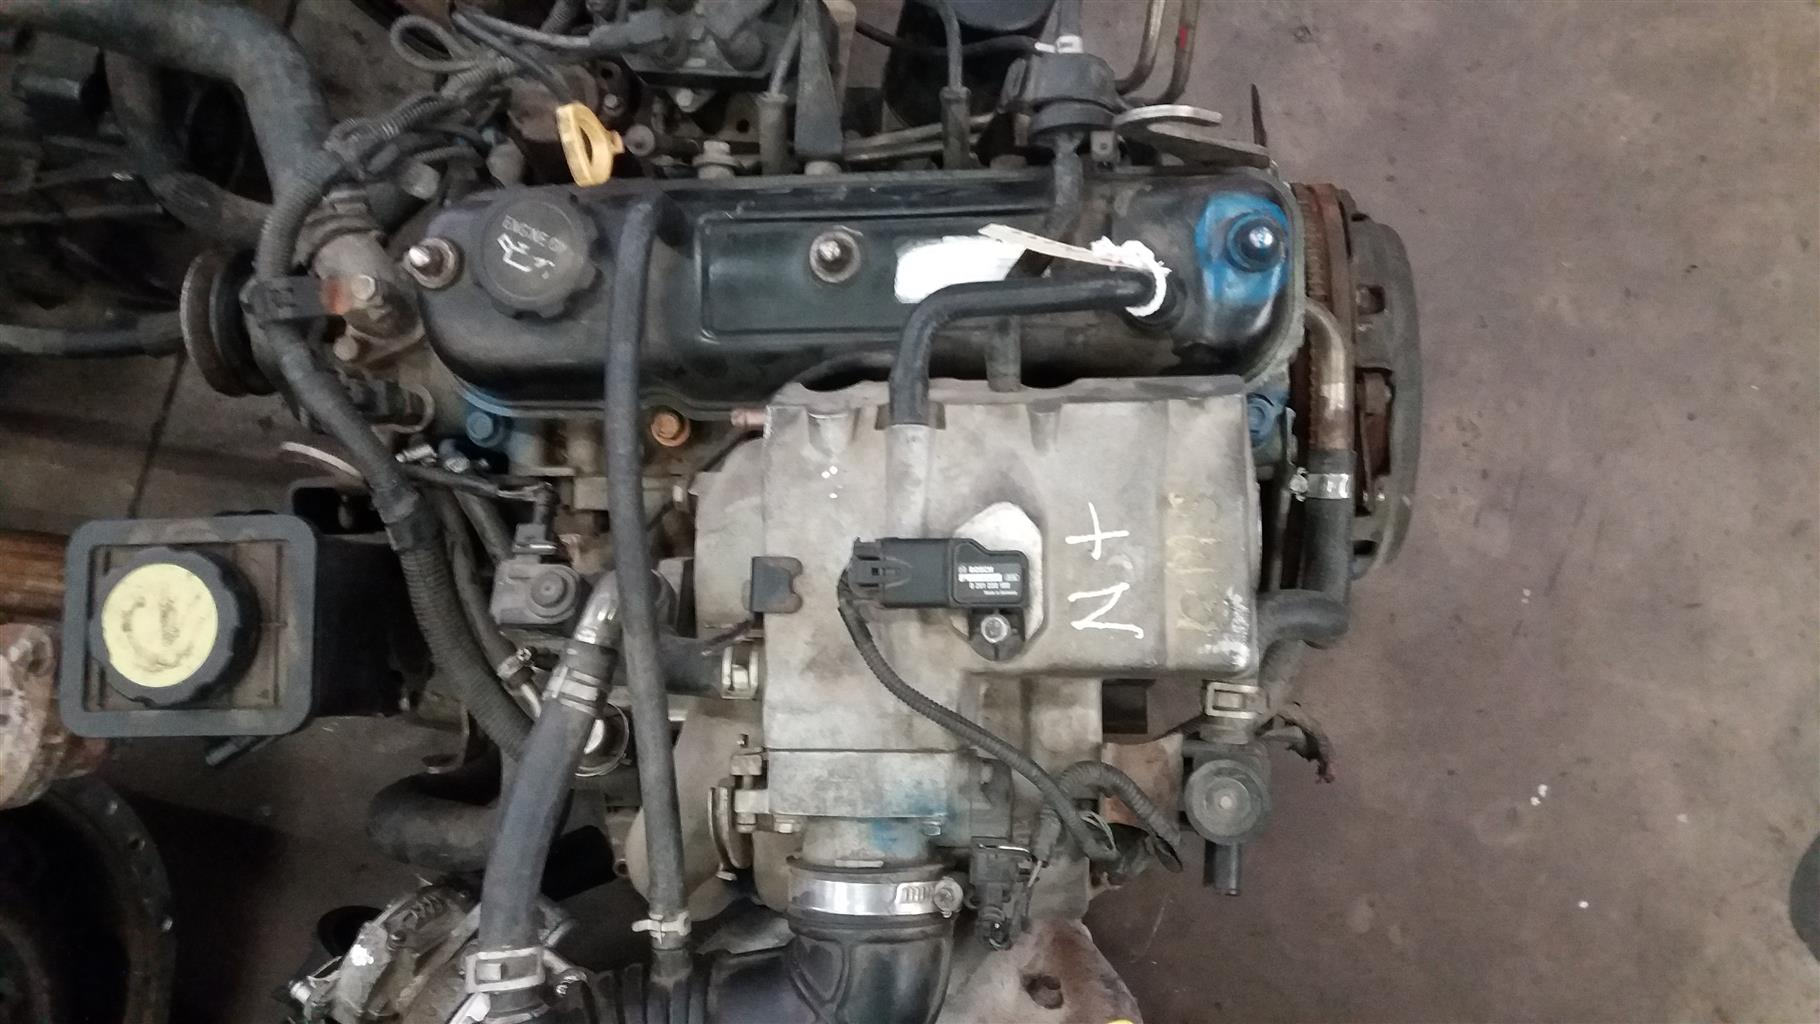 GWM 2.2 EFi Engine # 491QE